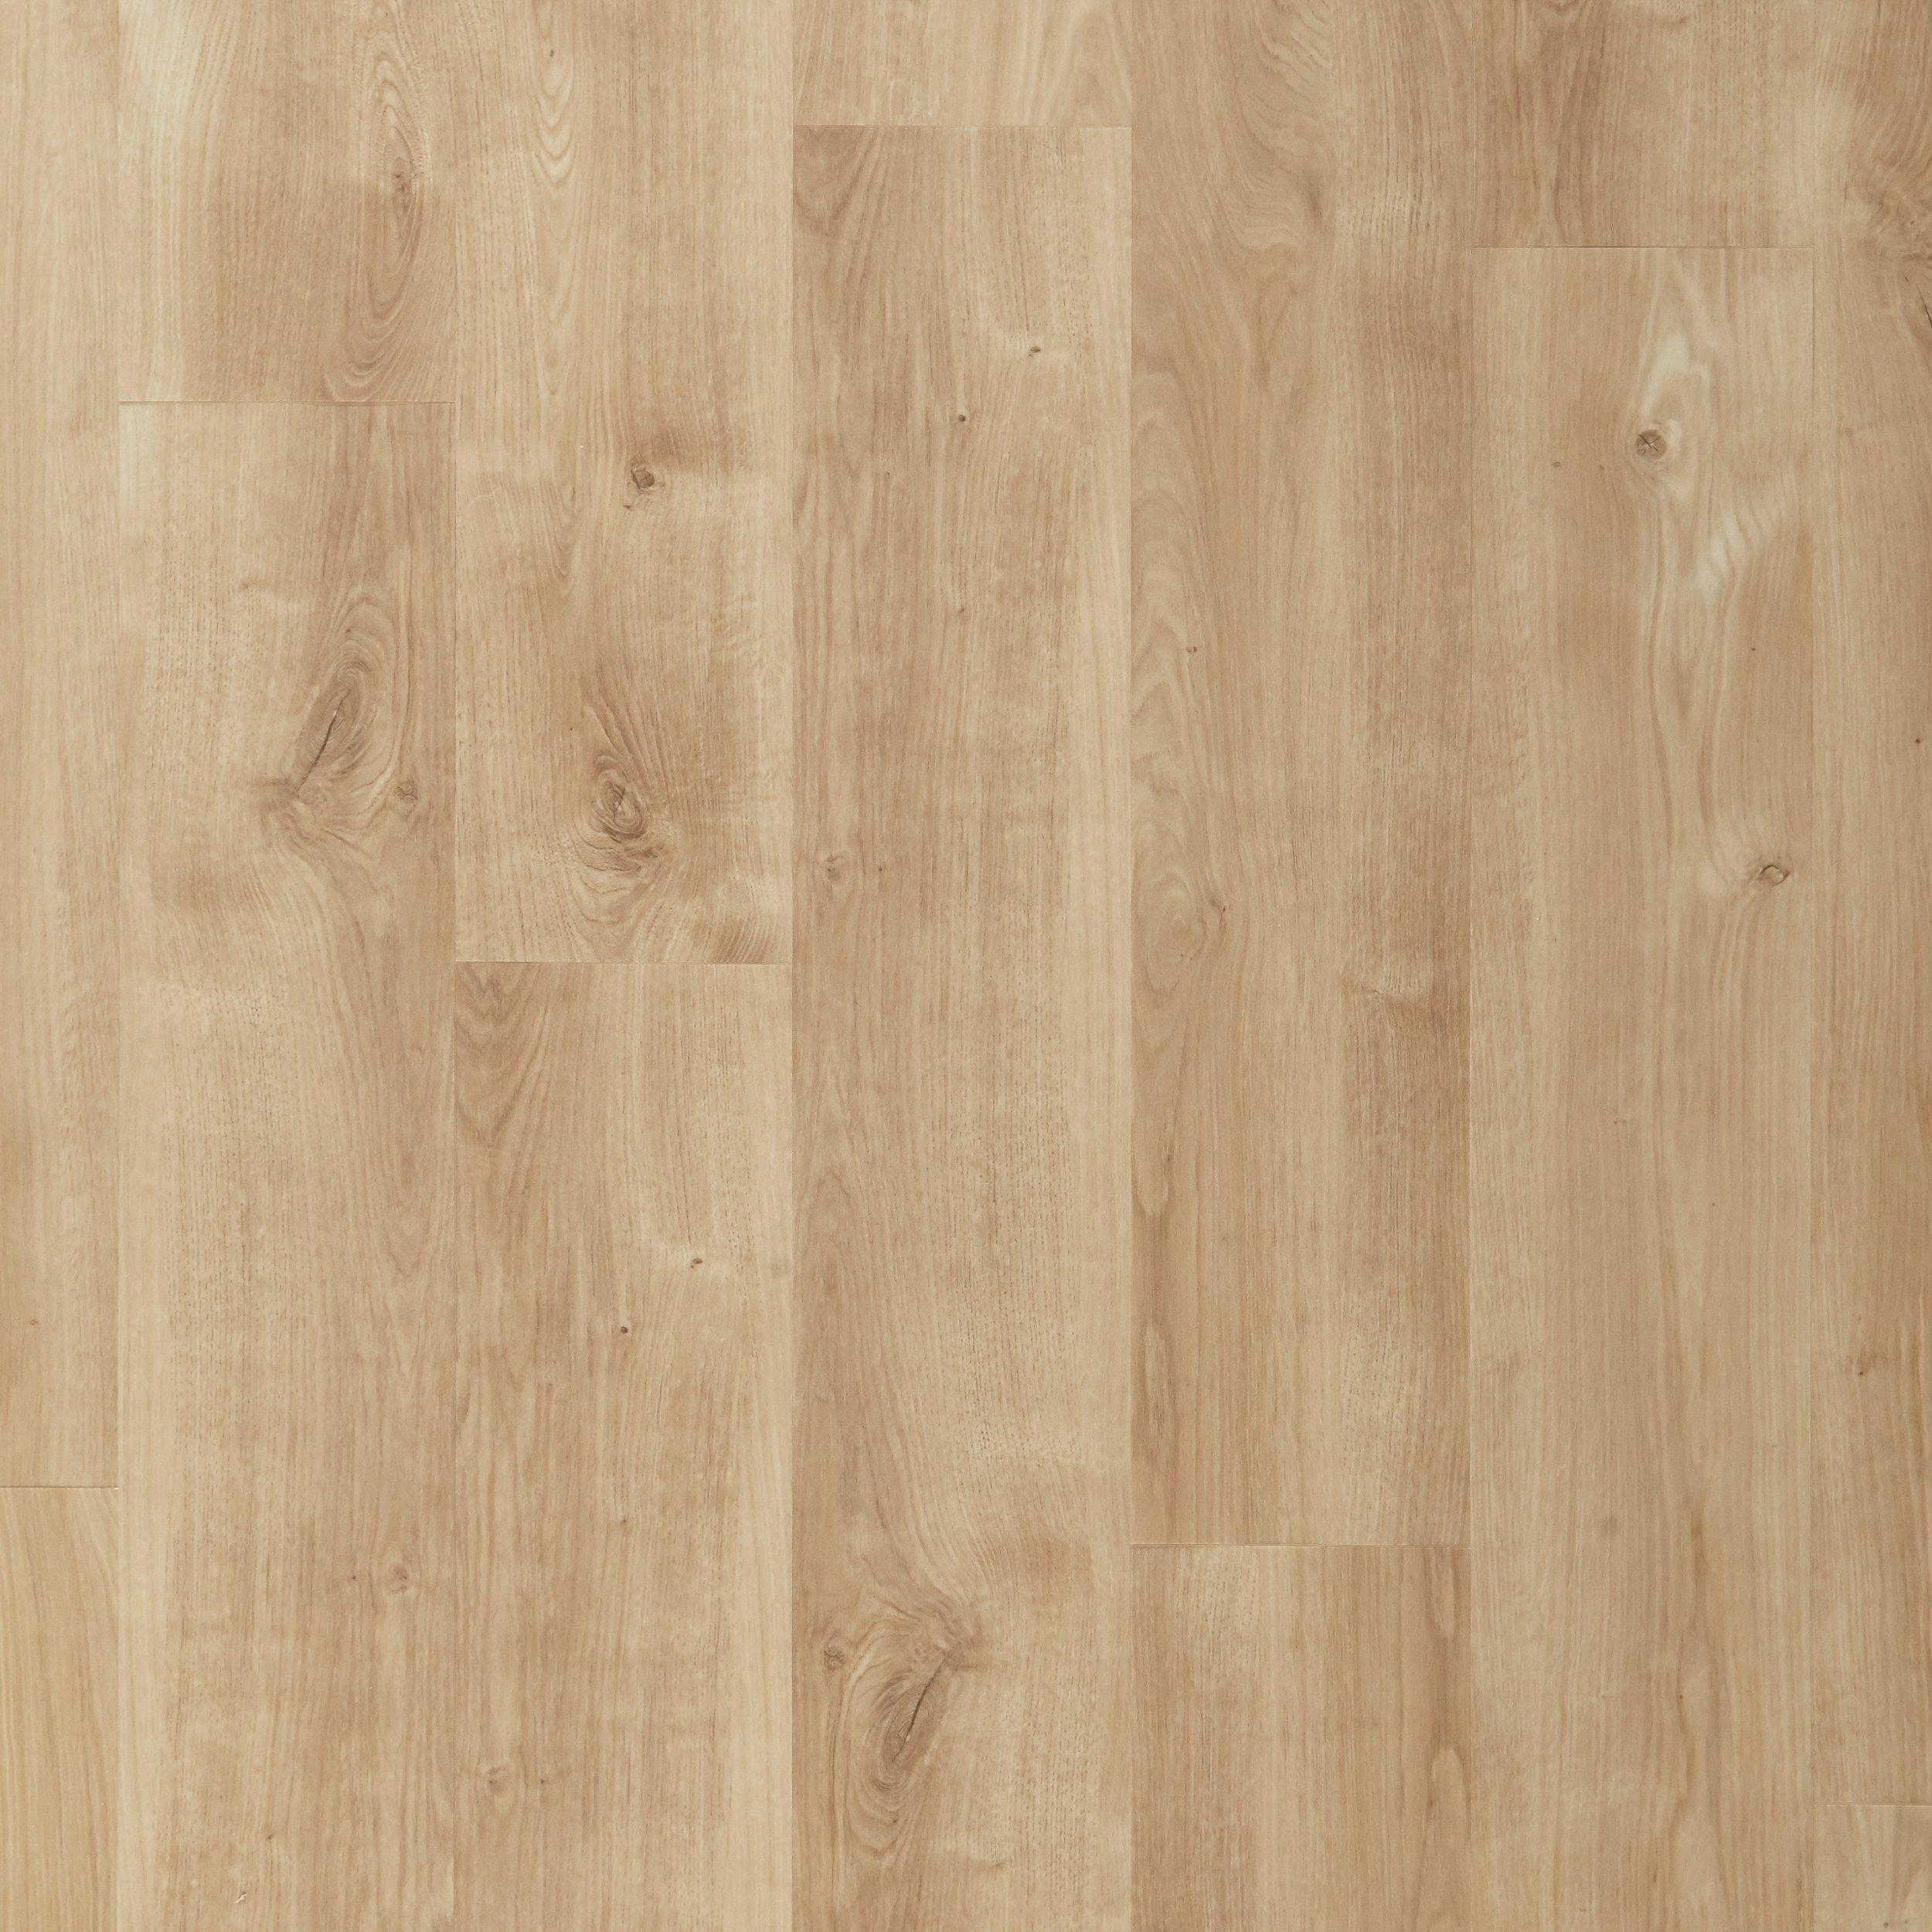 Casa Heritage Laminate Flooring Laminate Flooring Ideas